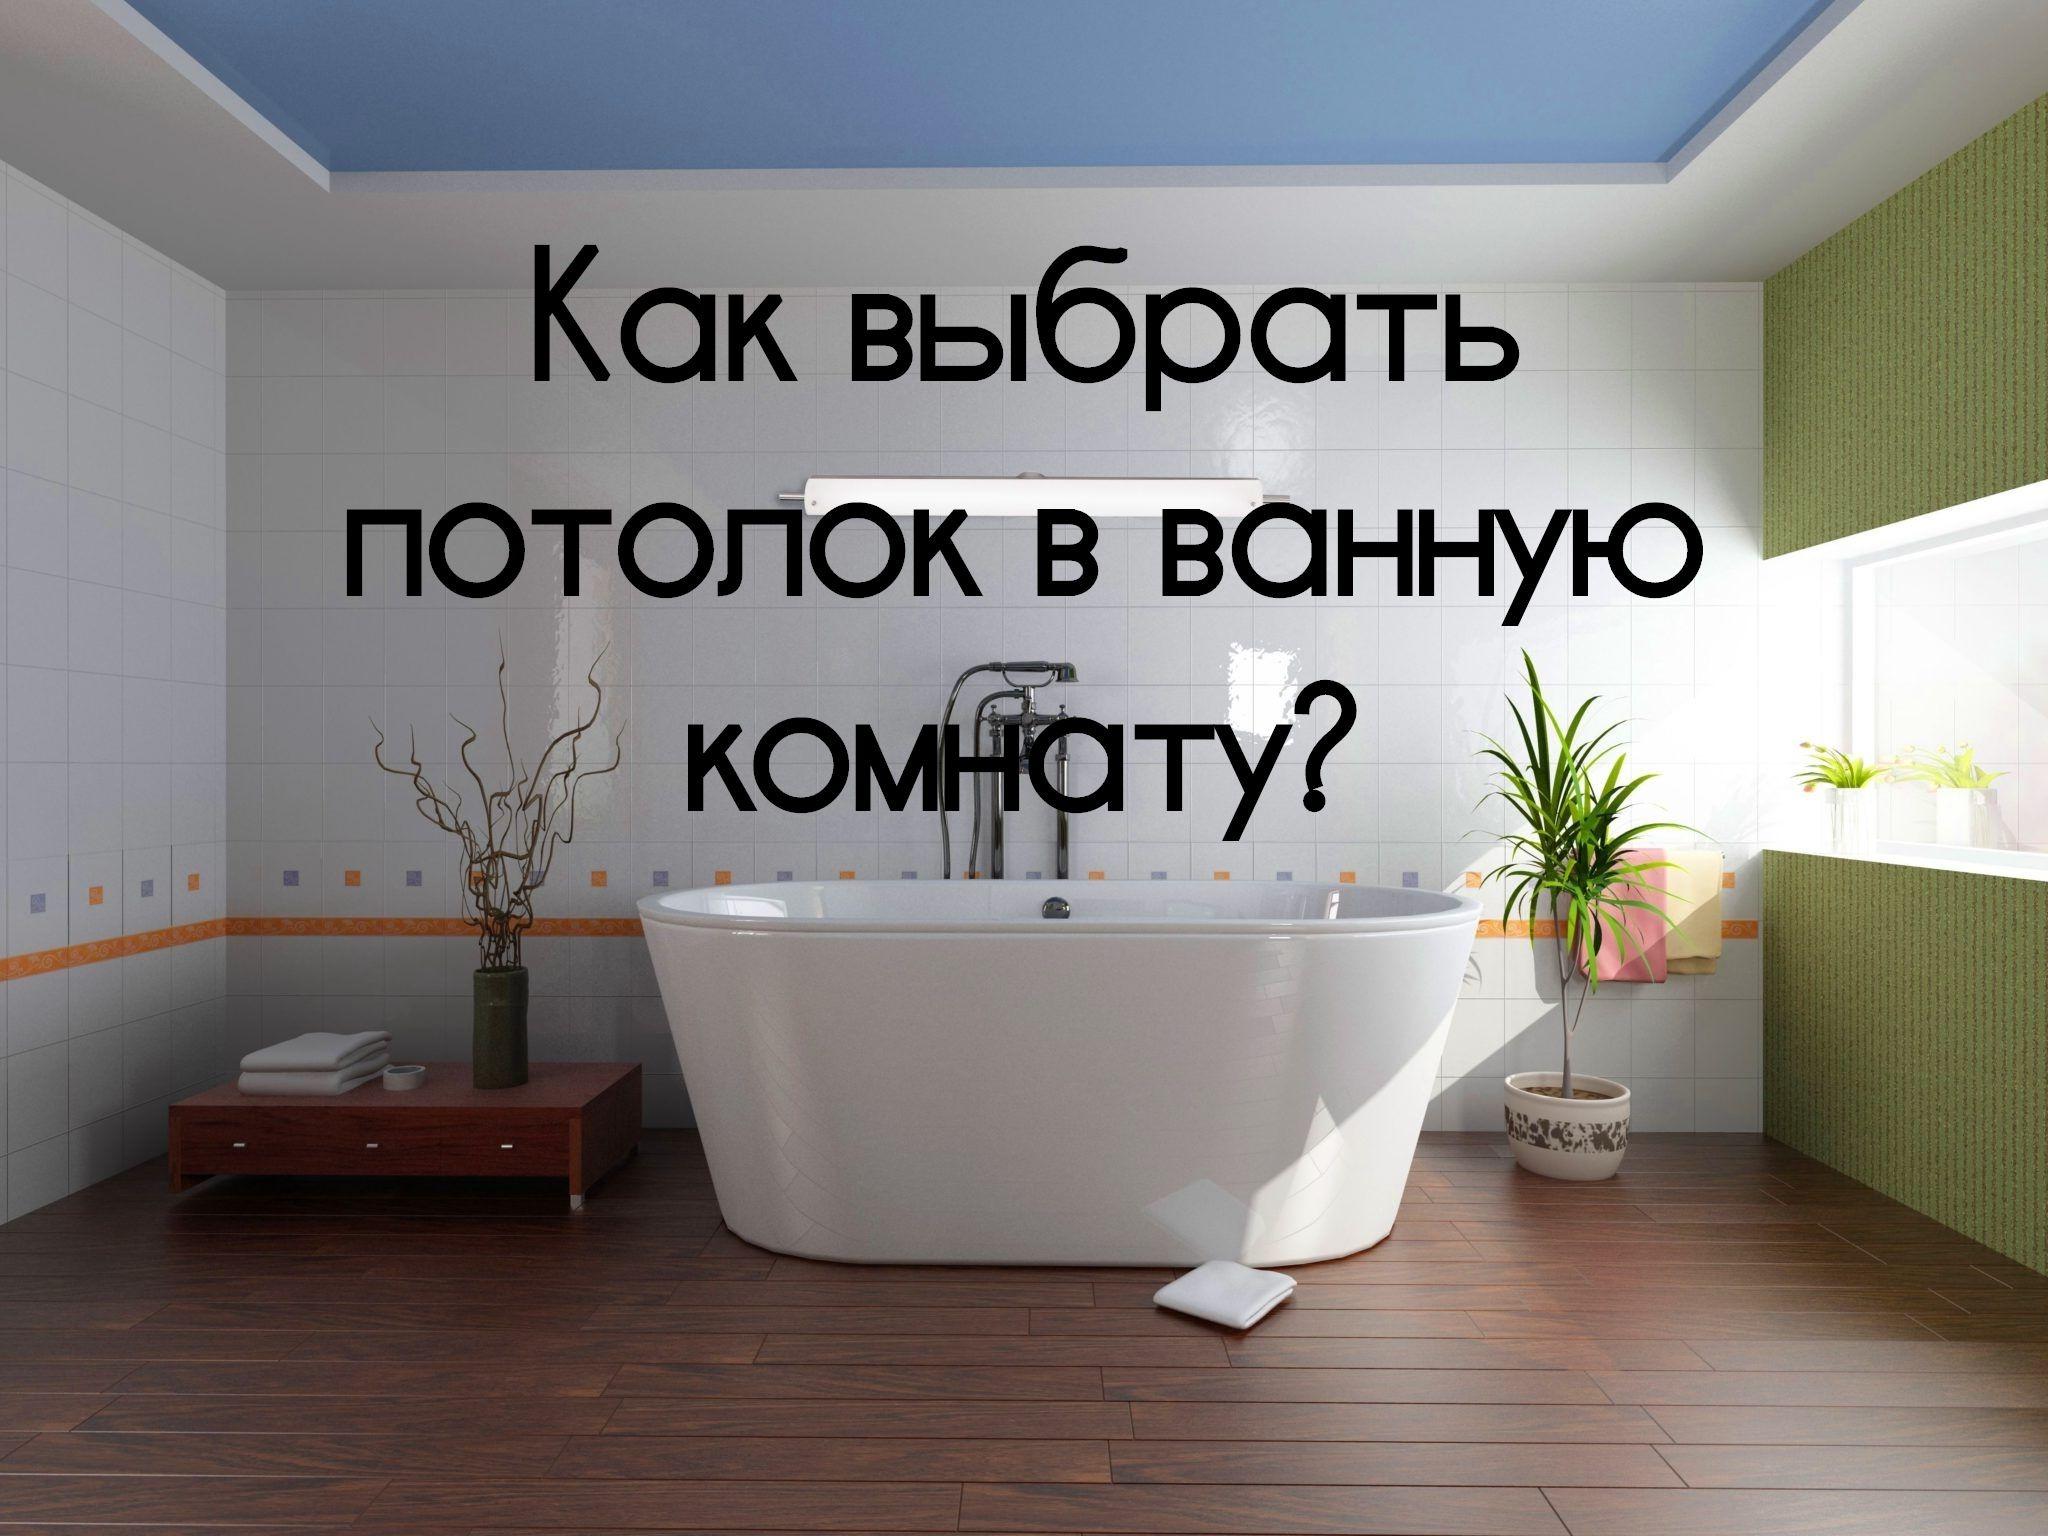 Натяжной потолок в ванной комнате синего цвета. Зеленый фикус в горшке